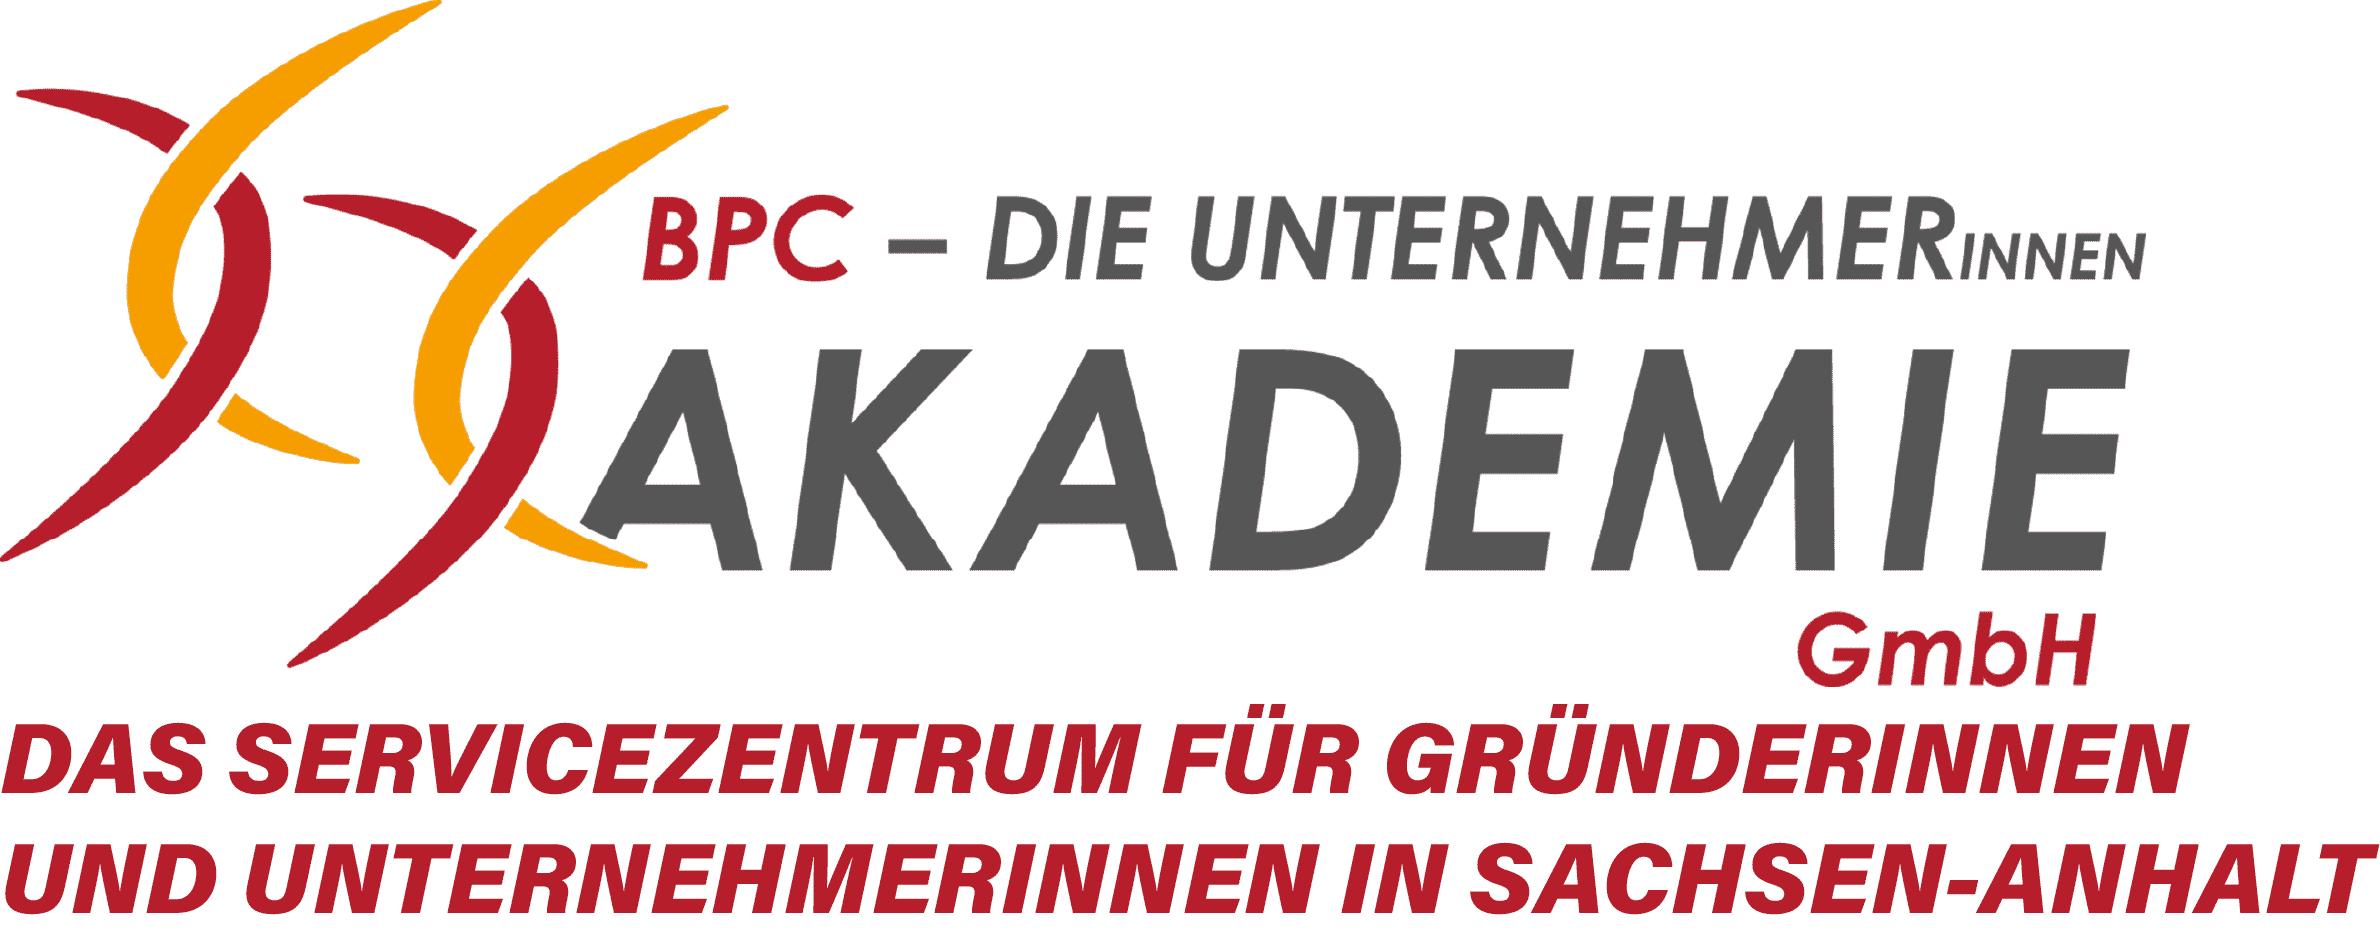 BPC-DIE UNTERNEHMERinnen AKADEMIE GmbH